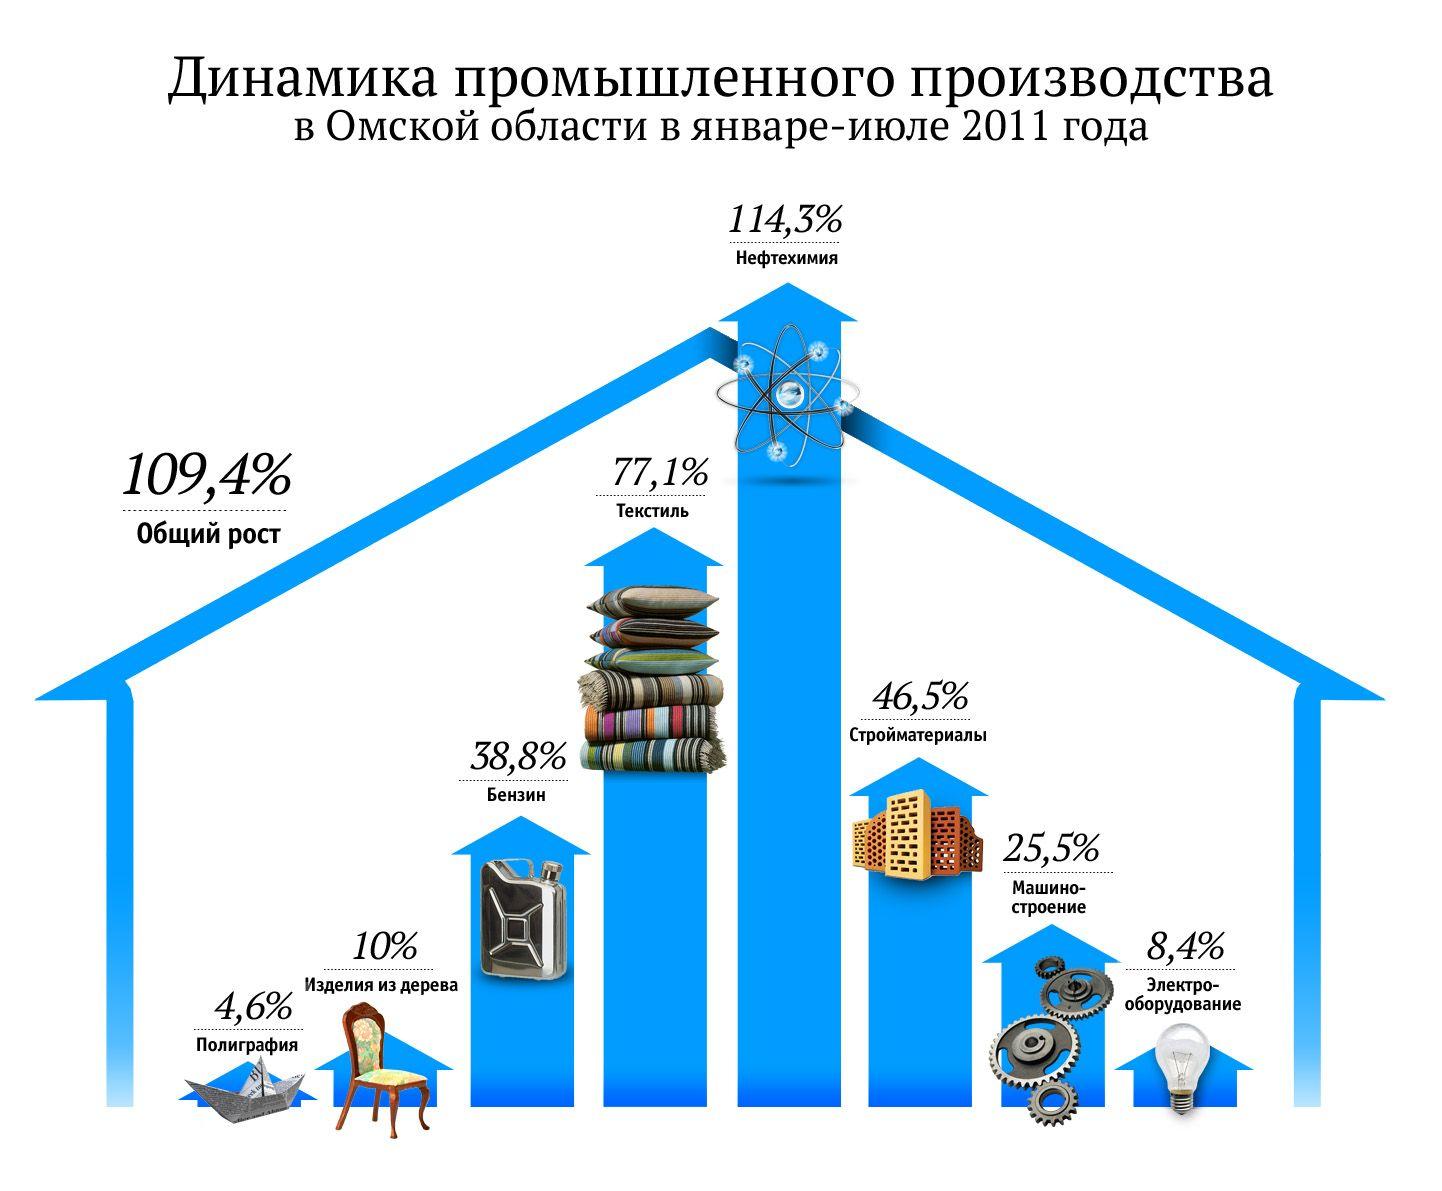 Темпы роста промышленности Омской области